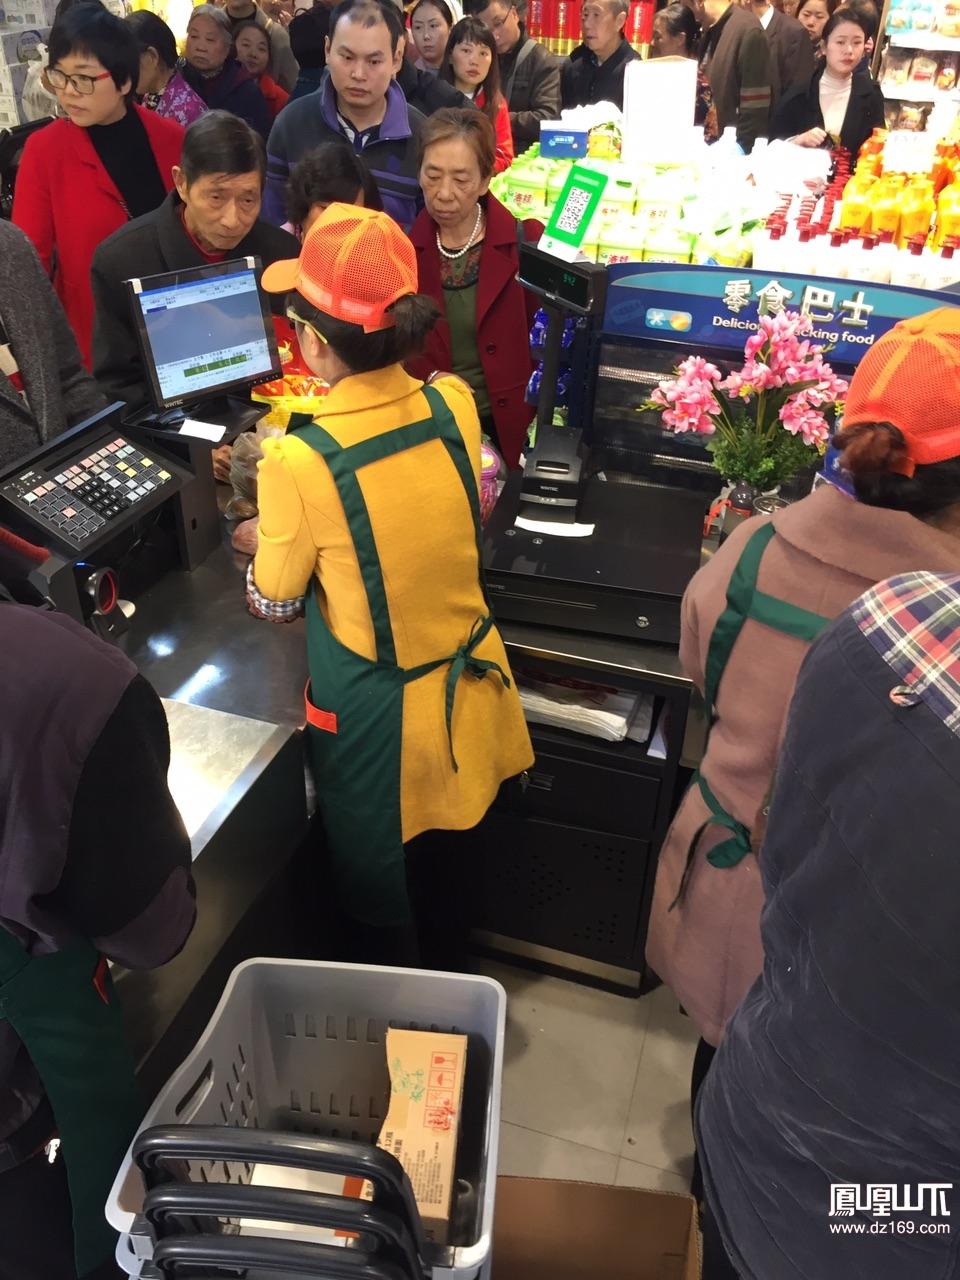 达州一超市开业场面火爆,老年人扎堆堆。